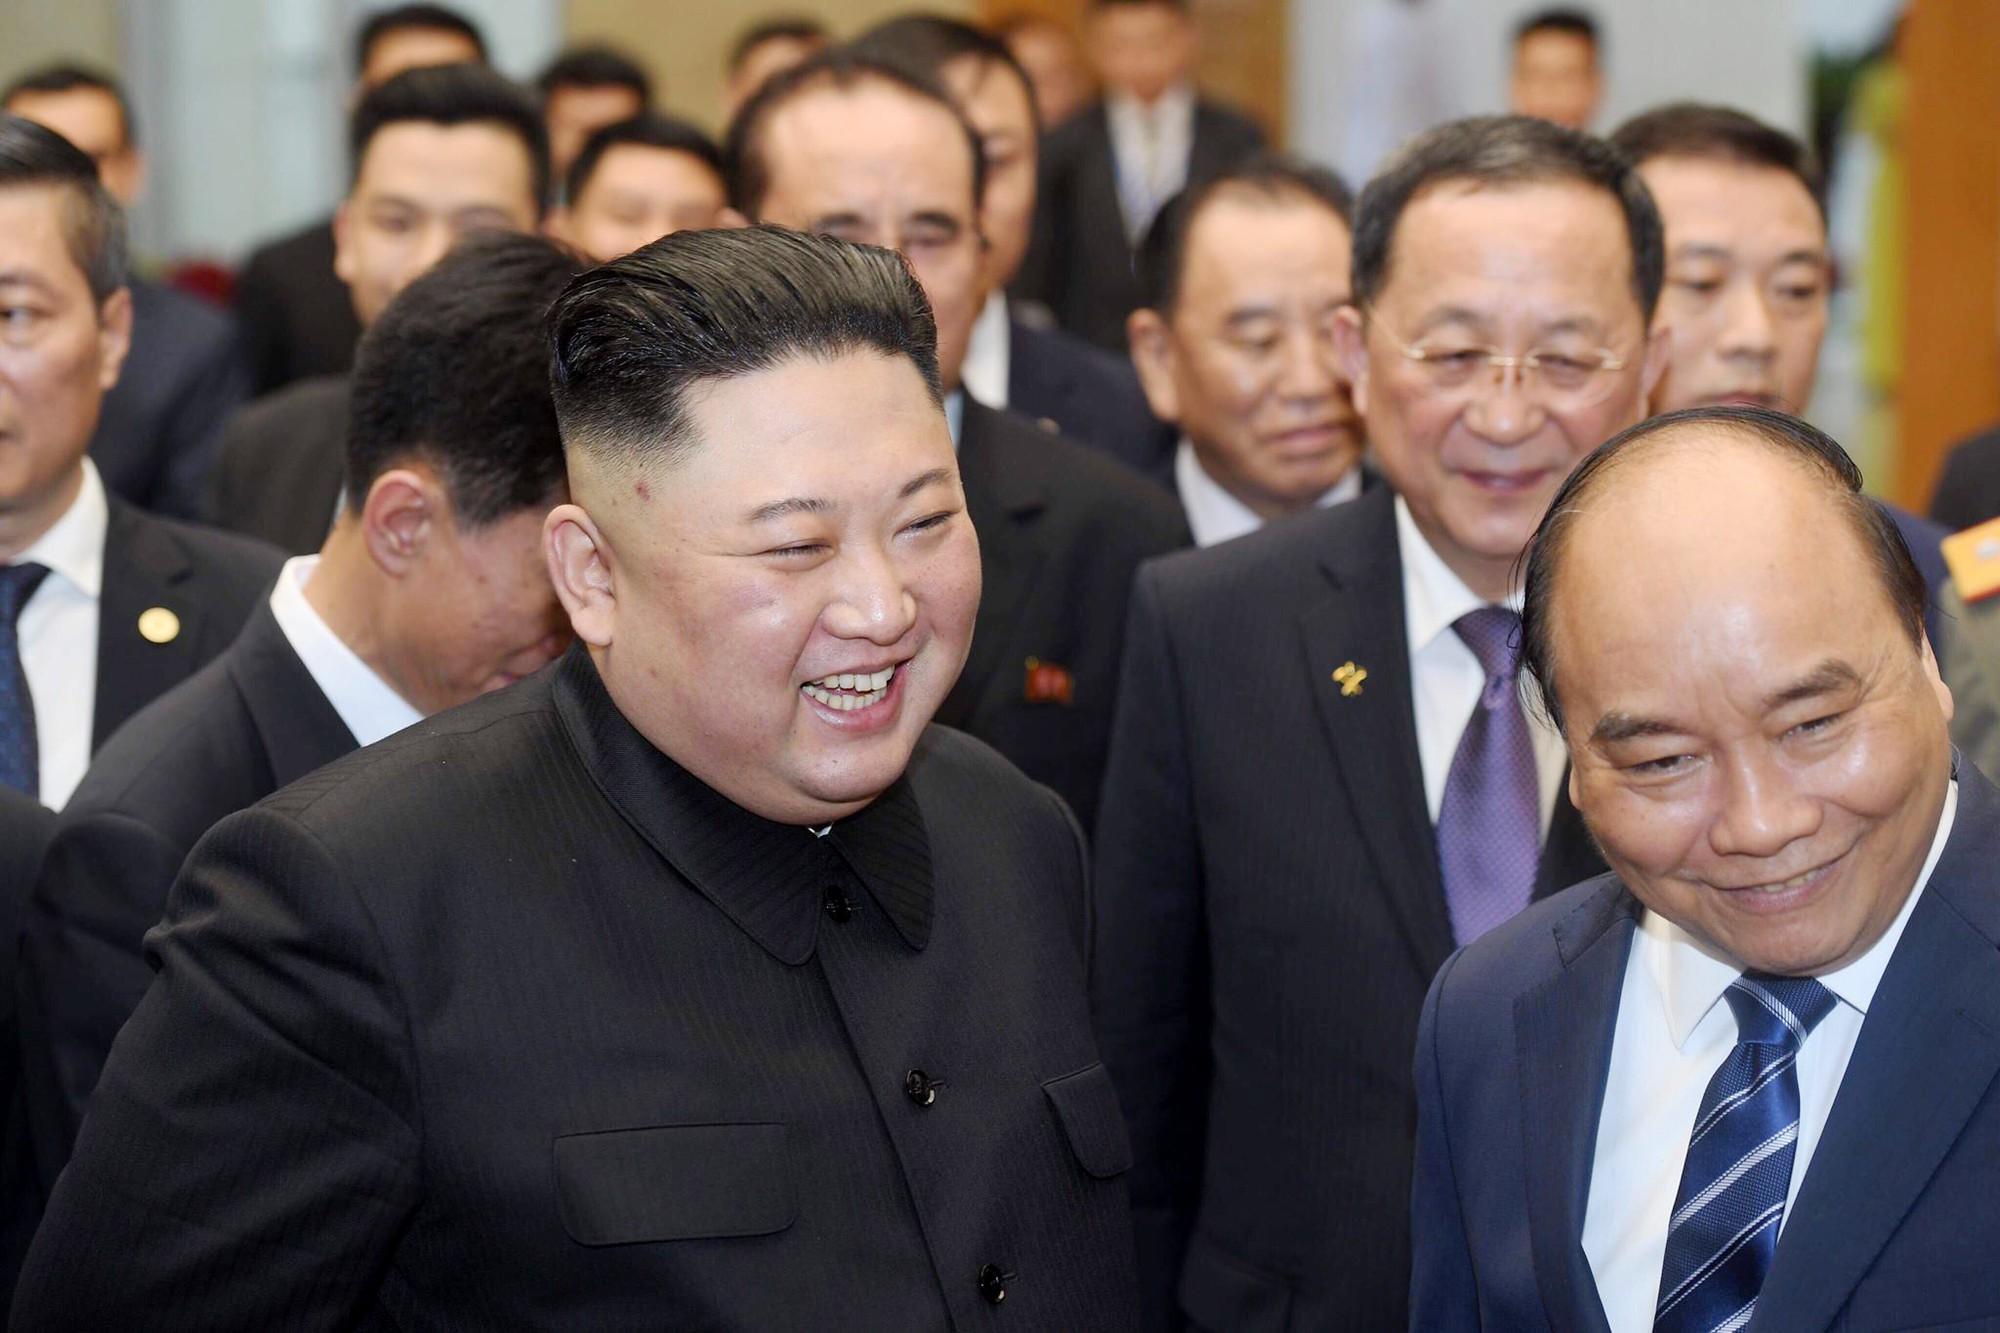 [PHOTO ESSAY] Những khoảnh khắc lịch sử trong chuyến công du Việt Nam đầu tiên của Chủ tịch Kim Jong-un - Ảnh 25.